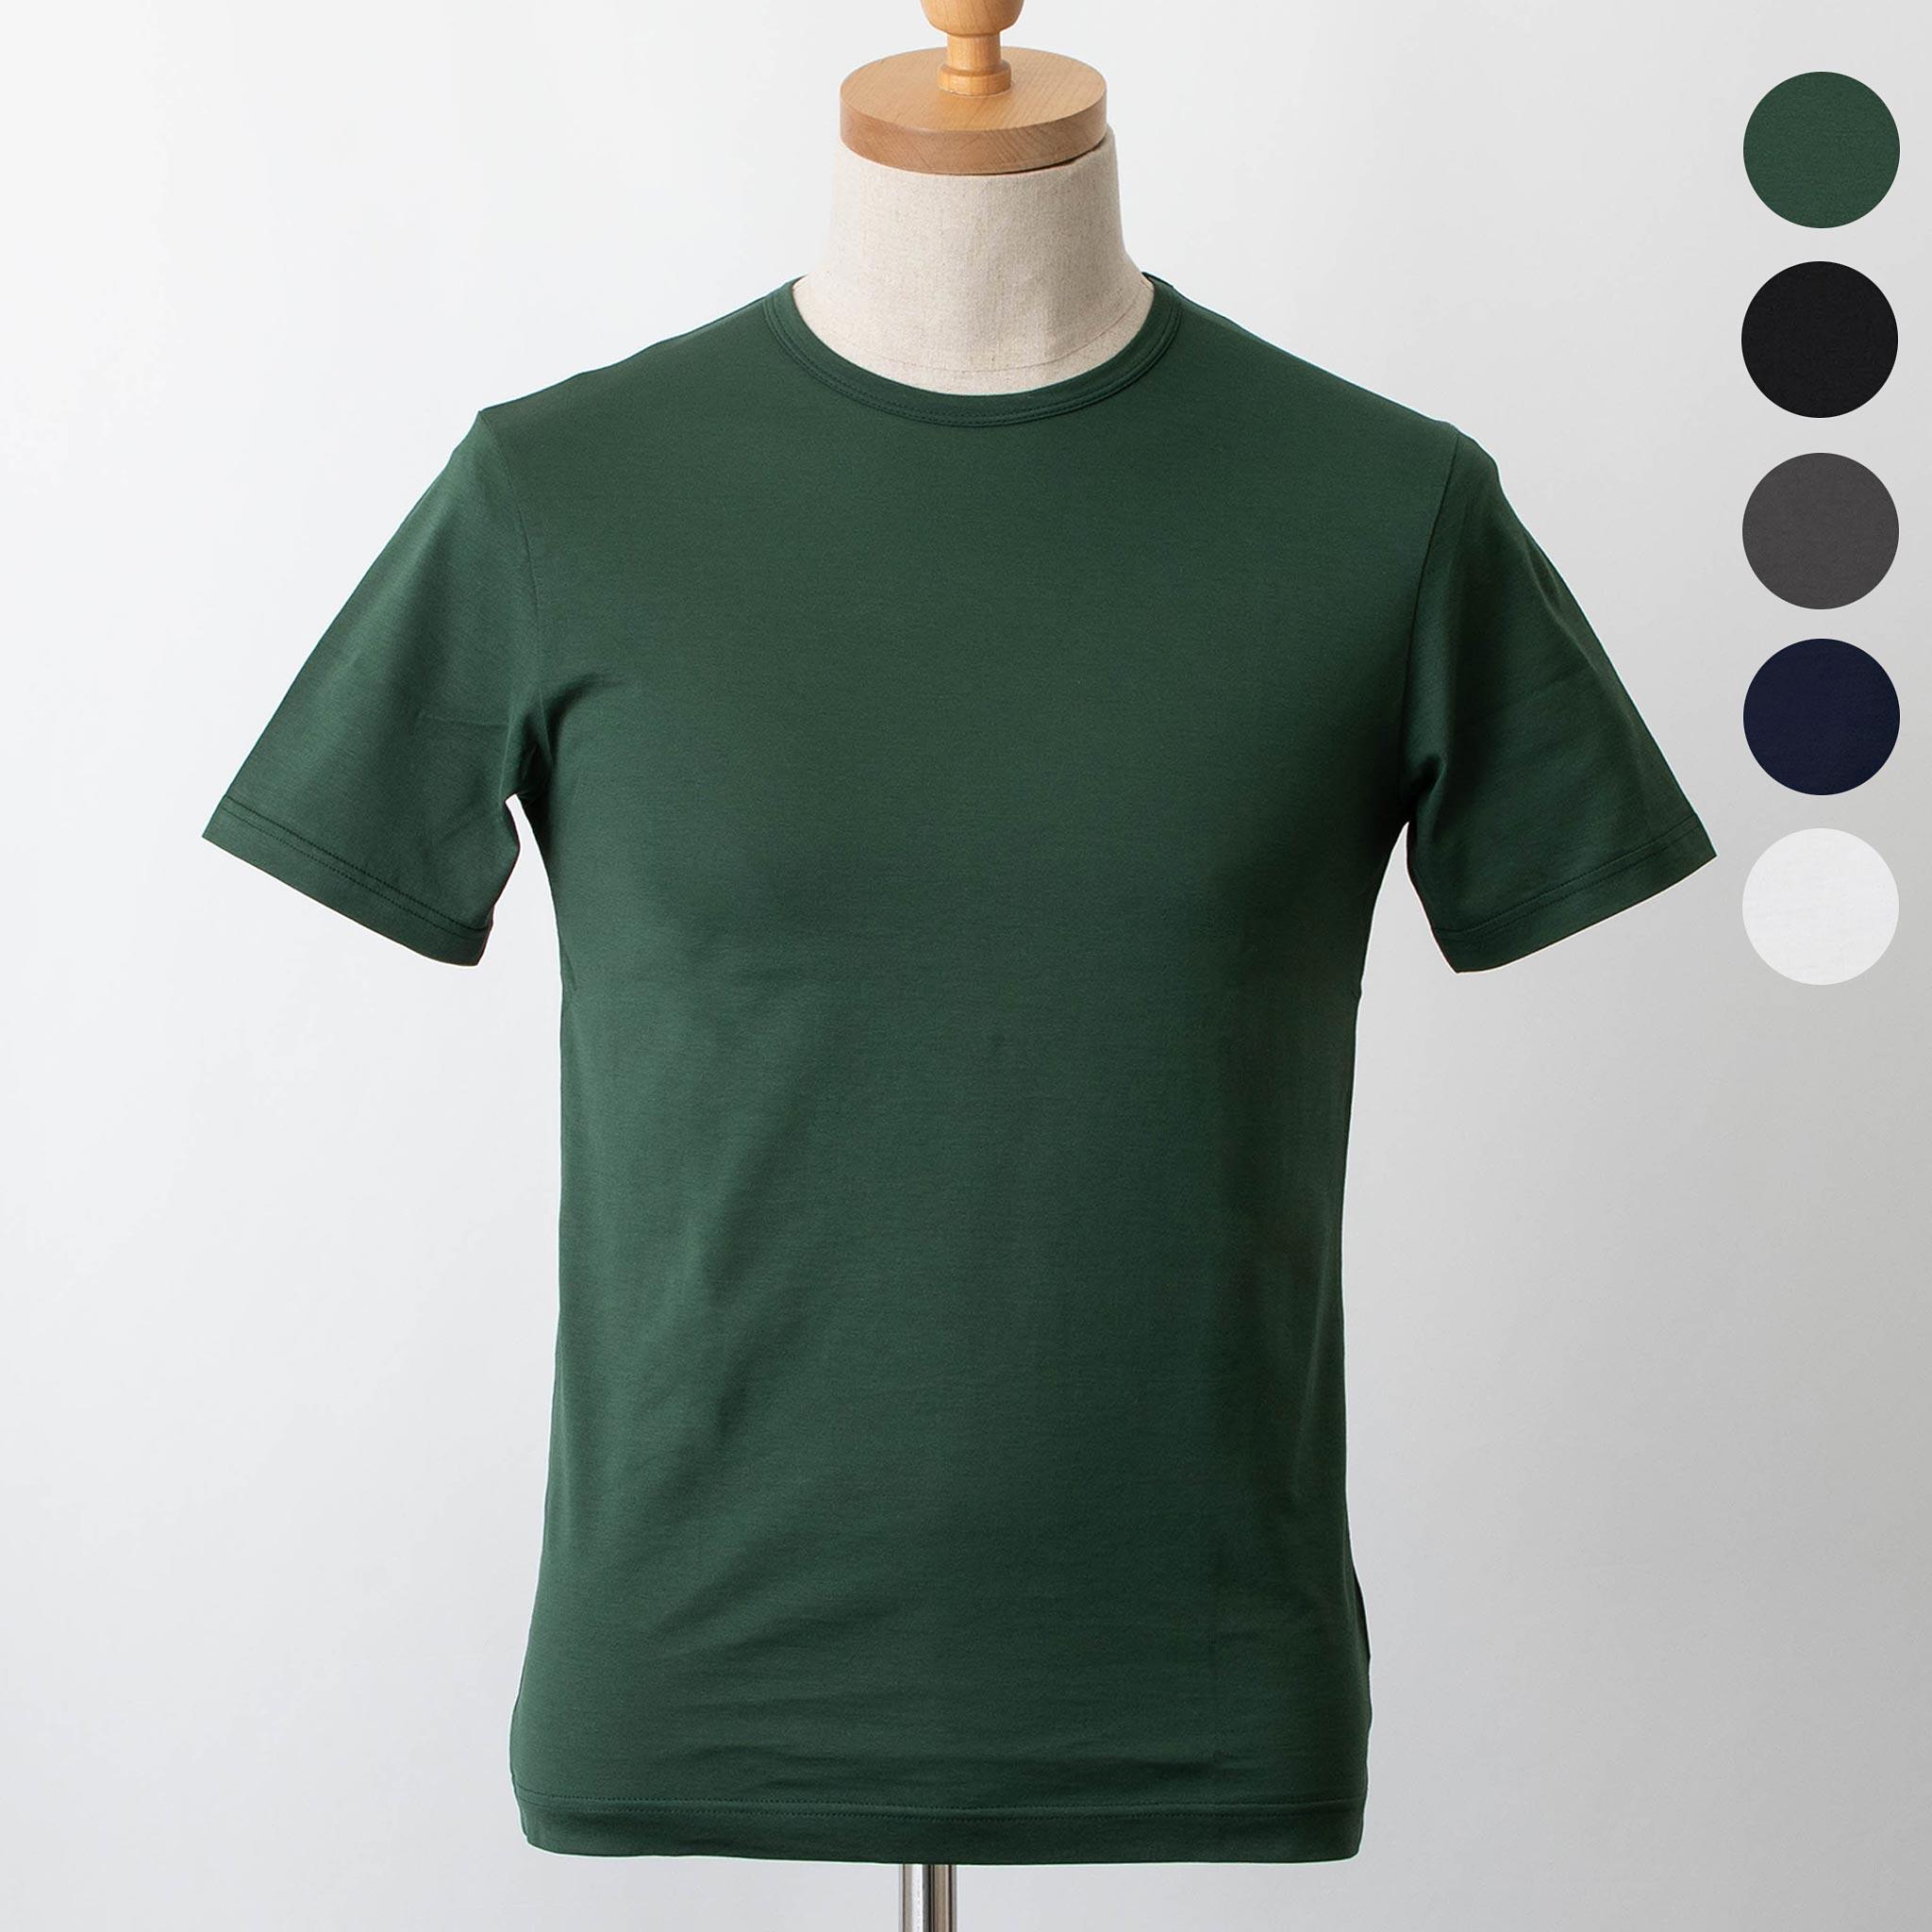 サンスペル SUNSPEL メンズ クルーネック半袖Tシャツ [全4色] SHORT SLEEVE CREW NECK T SHRIT MTSH0001 Q82